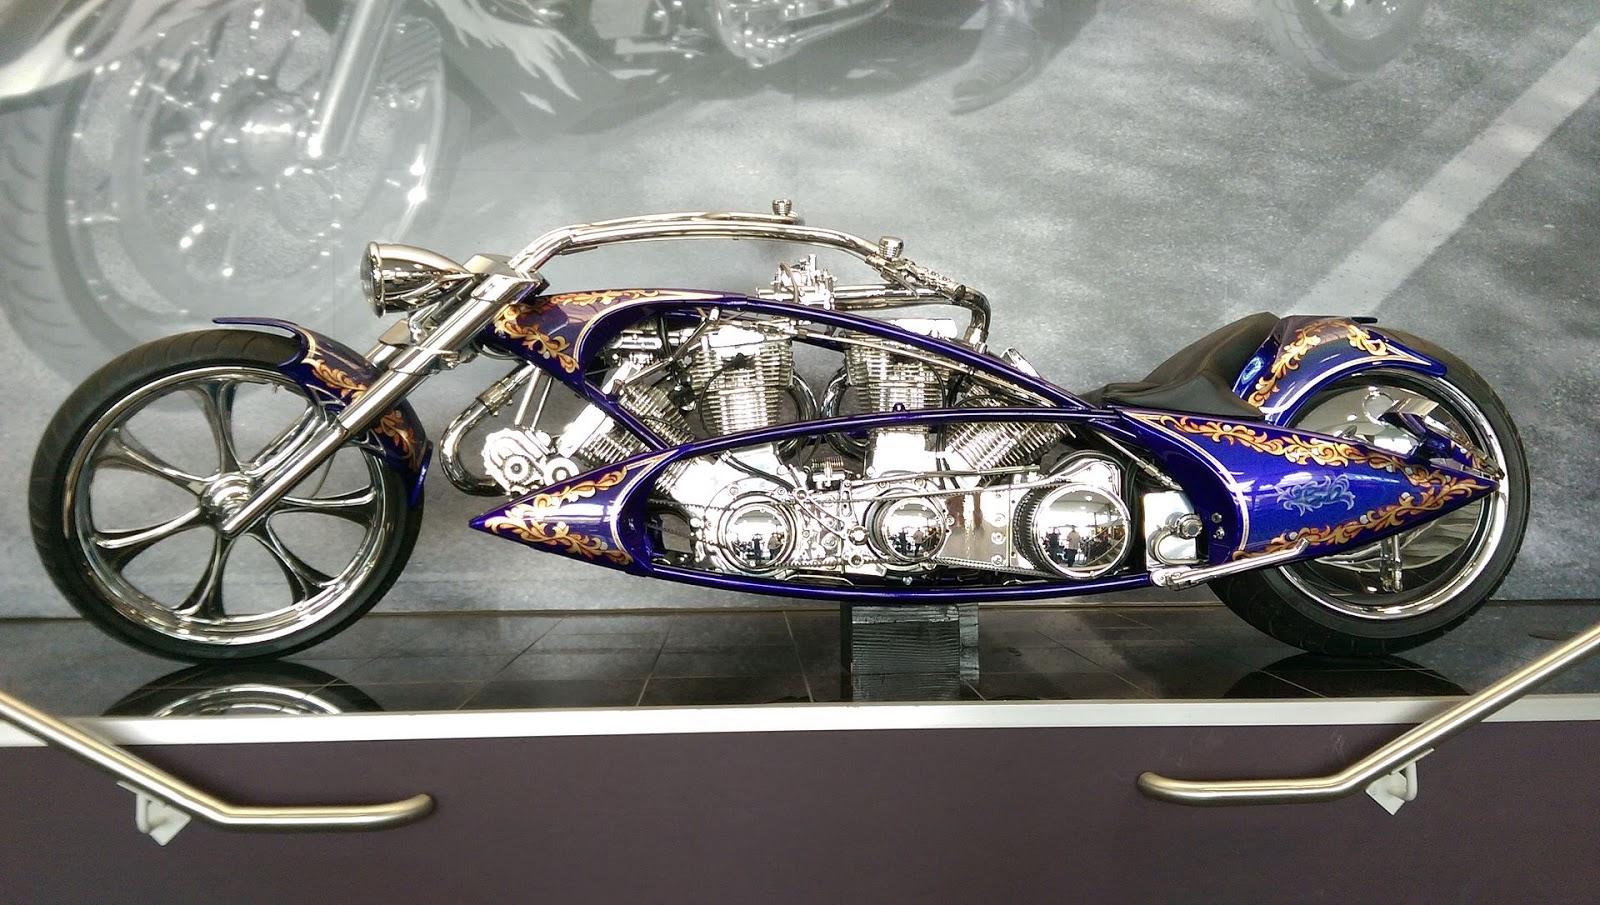 2017 Las Vegas Motorcycle Hall Of Fame Inductee Arlen